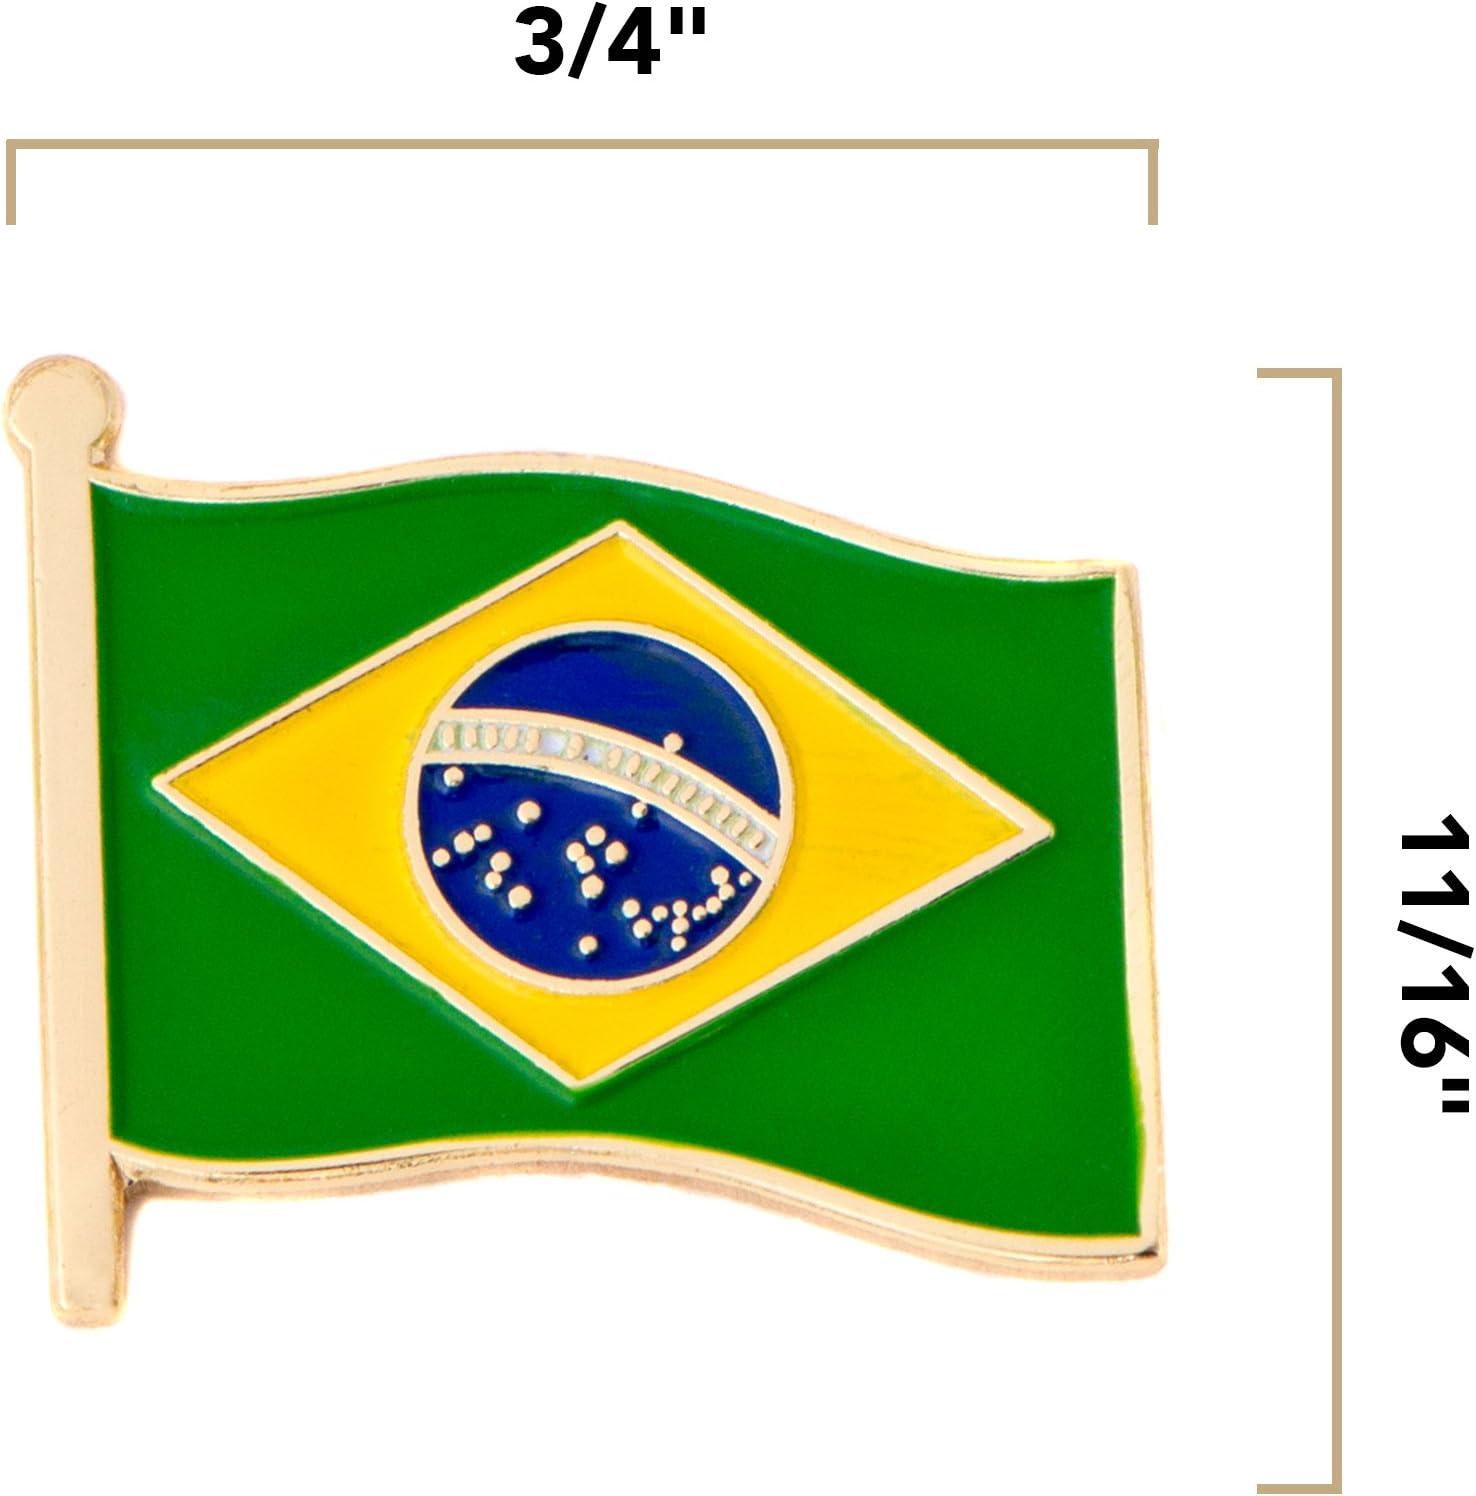 Brasil bandera de país – Pin de metal souvenir: Amazon.es: Juguetes y juegos